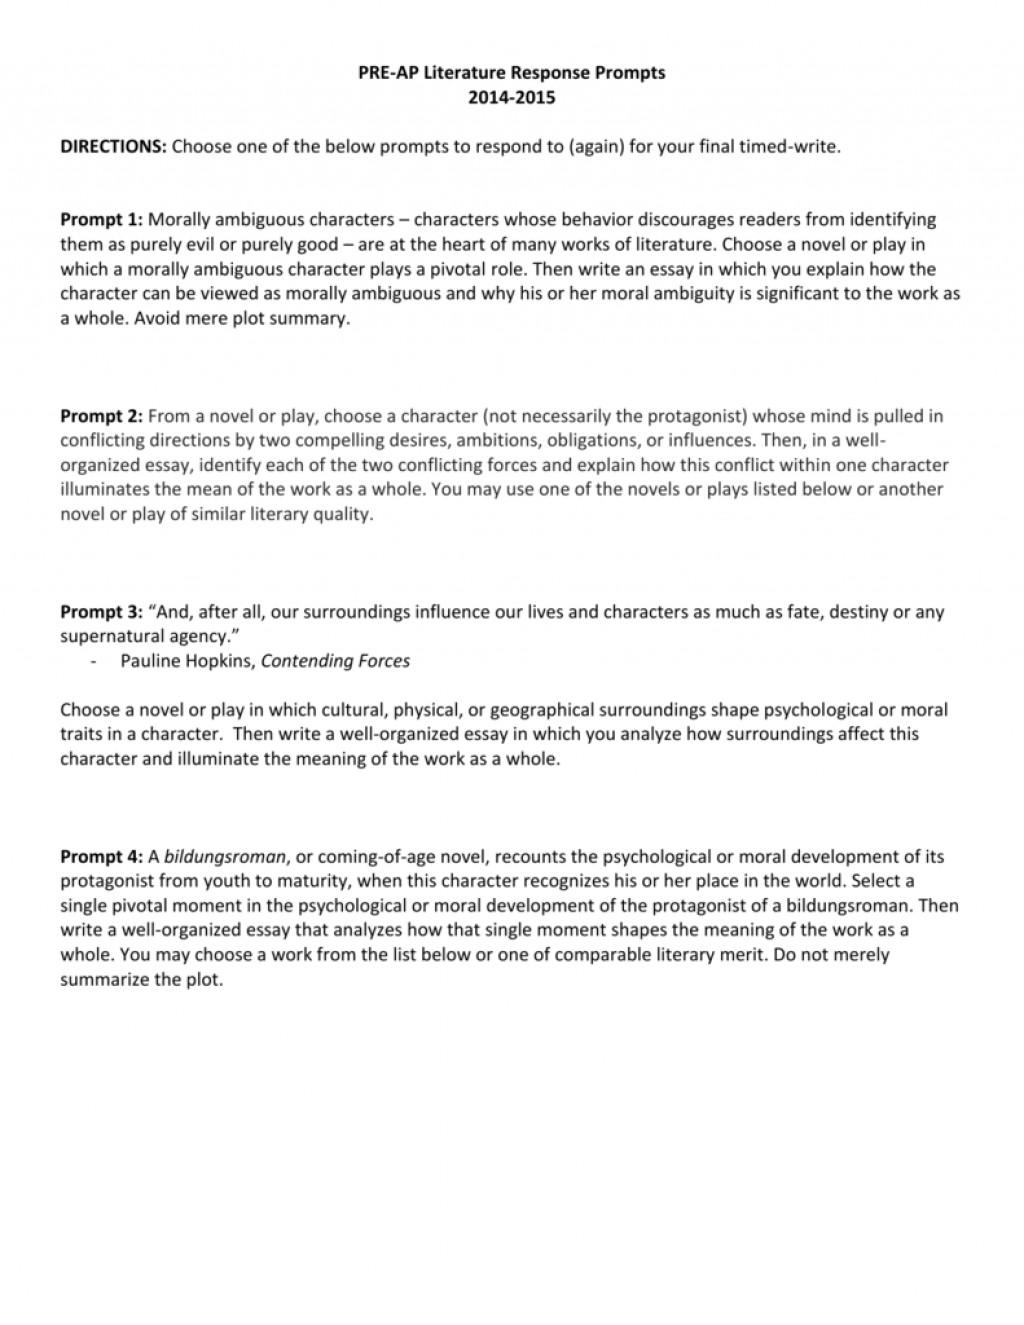 002 006690928 1 Ap Literature Essay Prompts Stunning List 2008 Macbeth Large